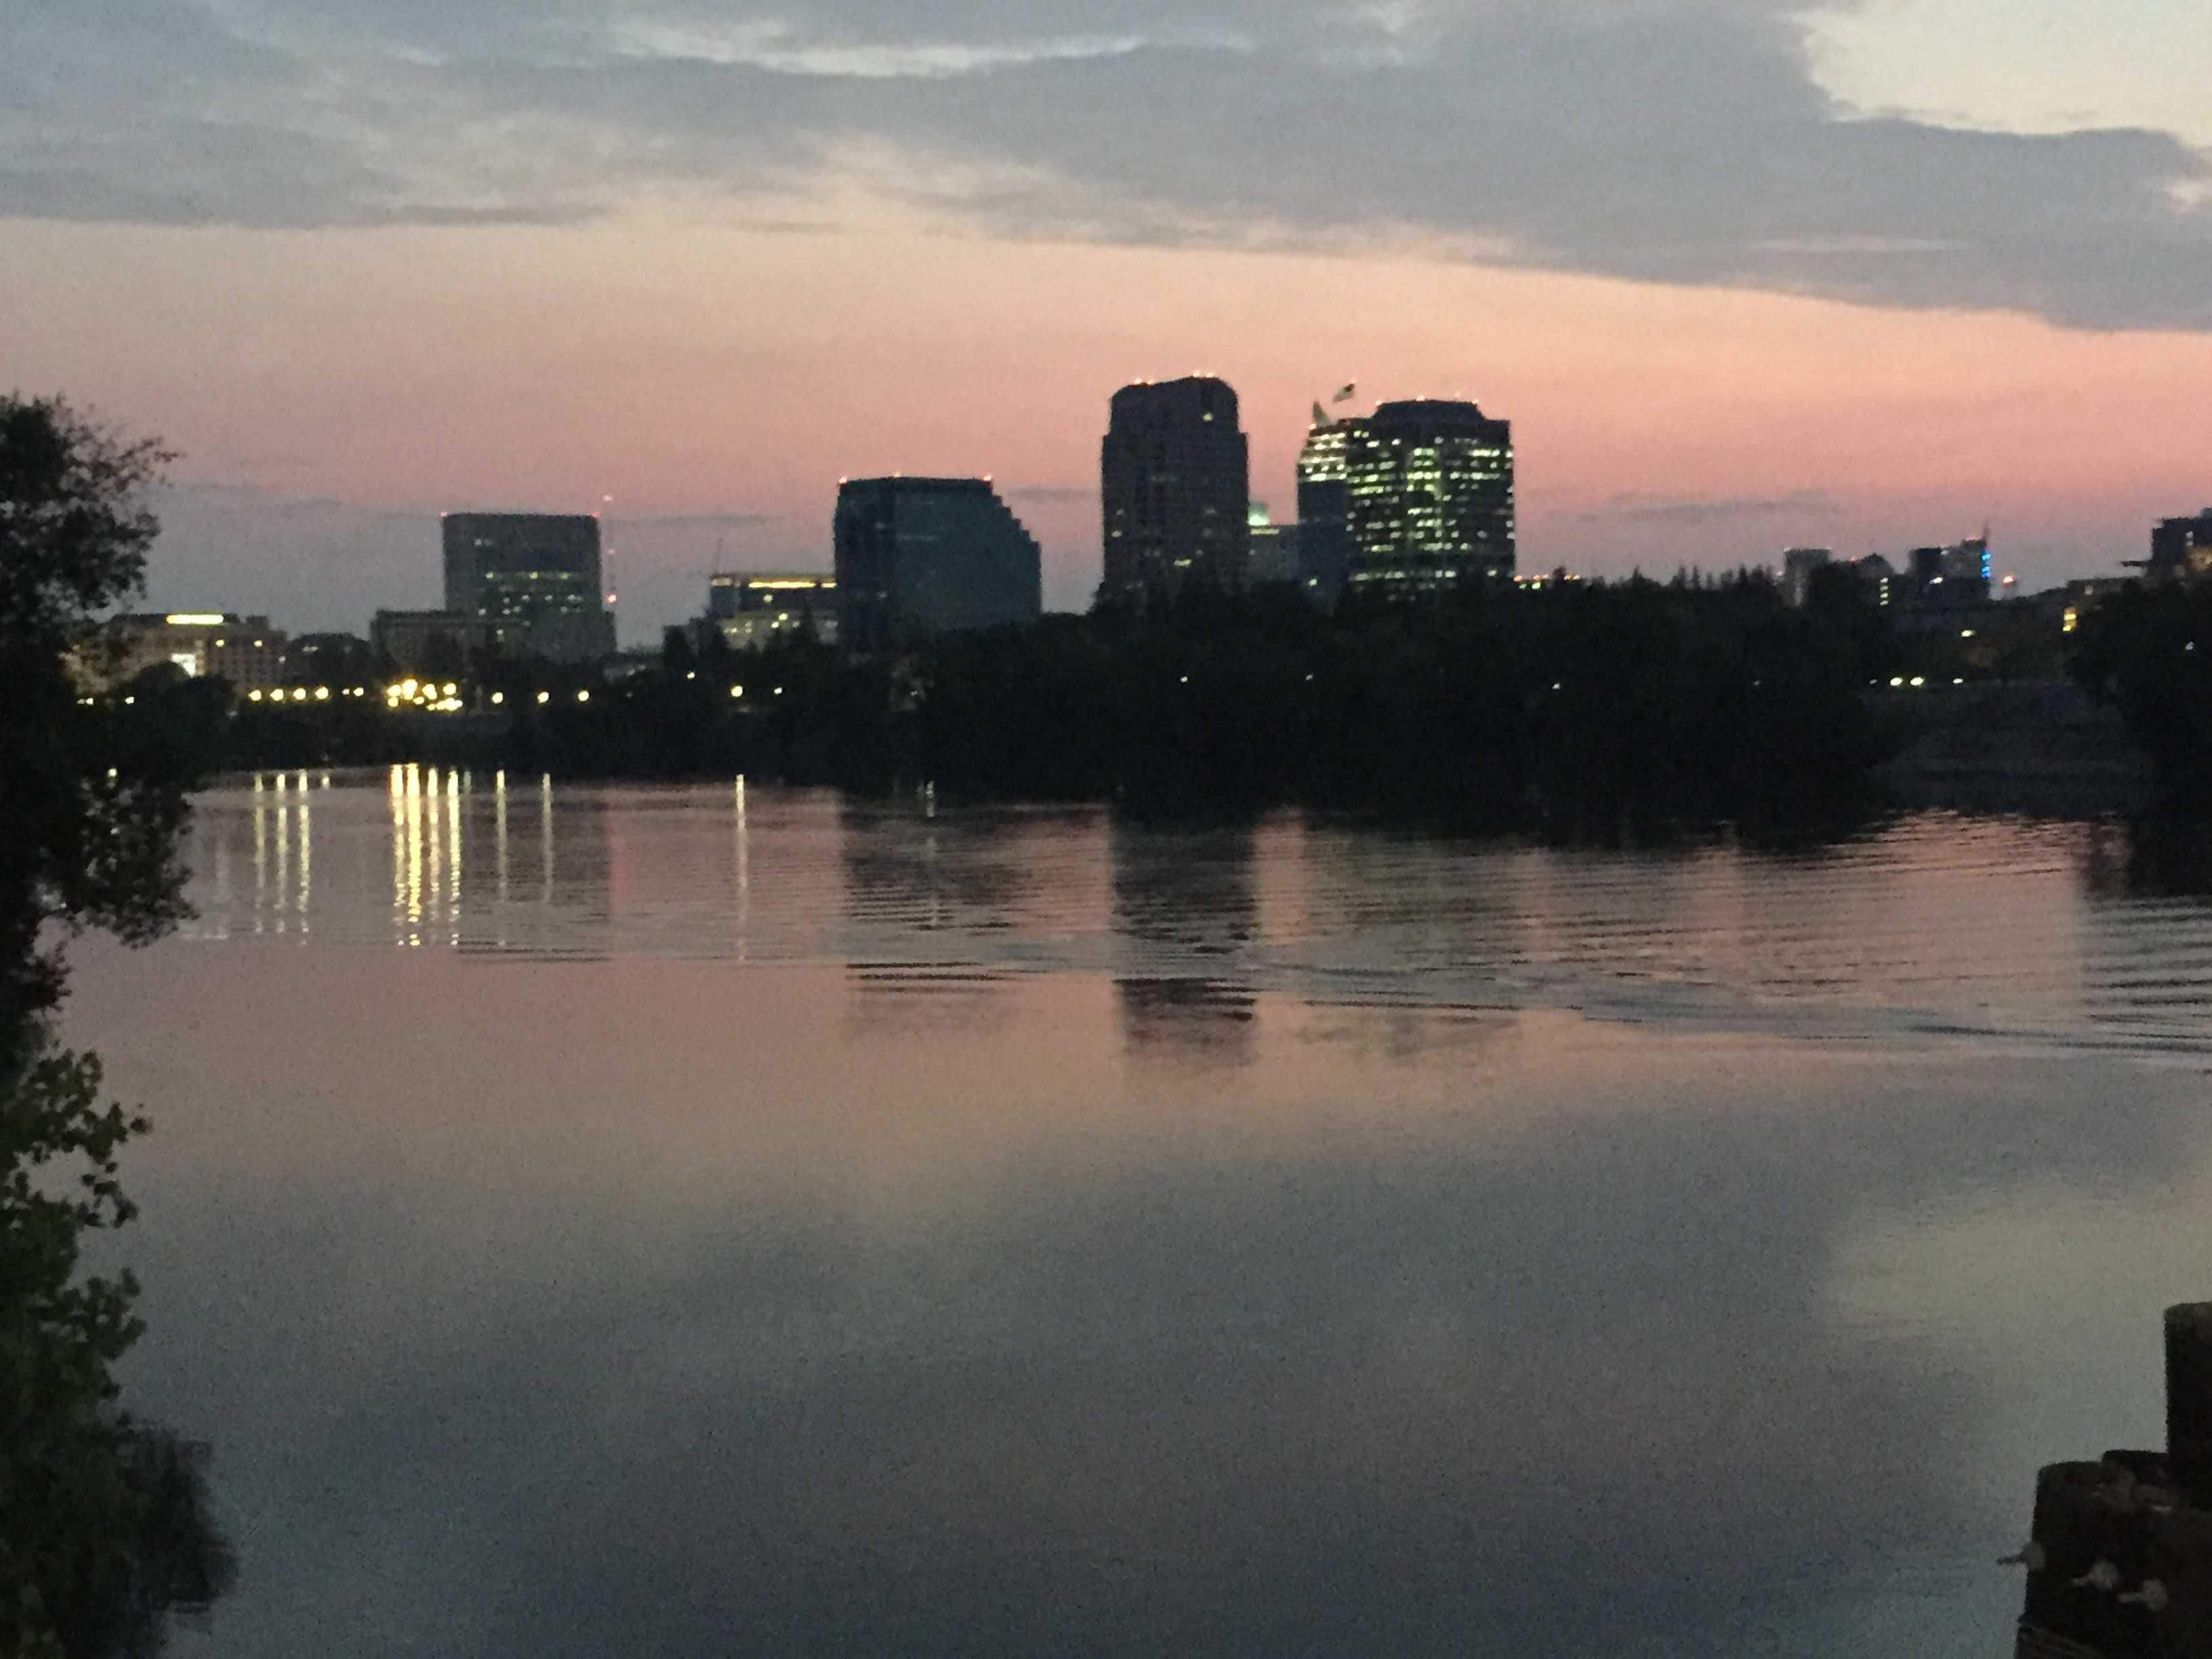 Air quality improves in Sacramento area as temps cool - Sacramento ...